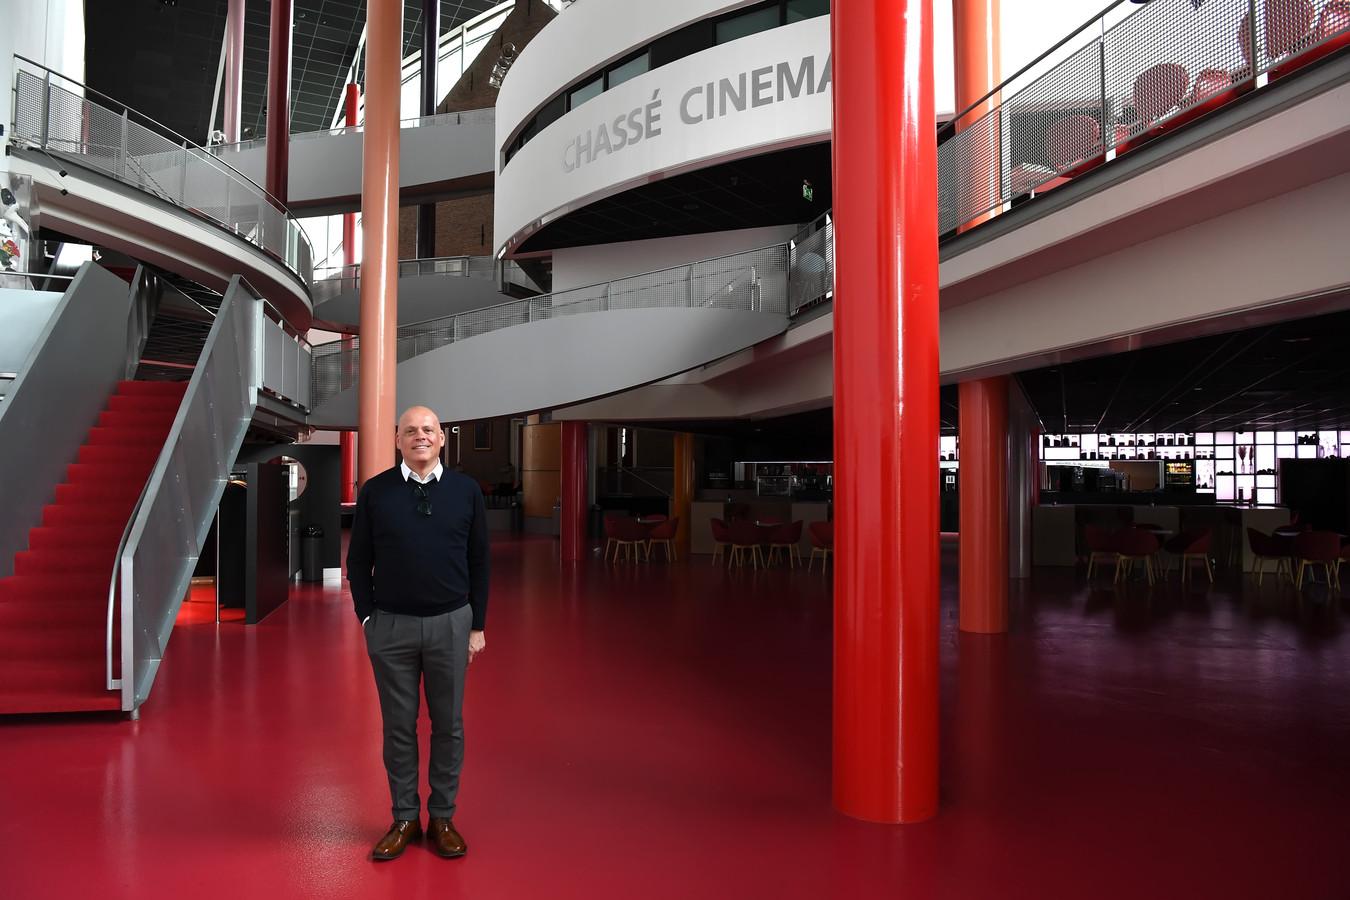 Ruud van Meijel is 'heel blij' met de ontheffing voor zijn Chassé theater.